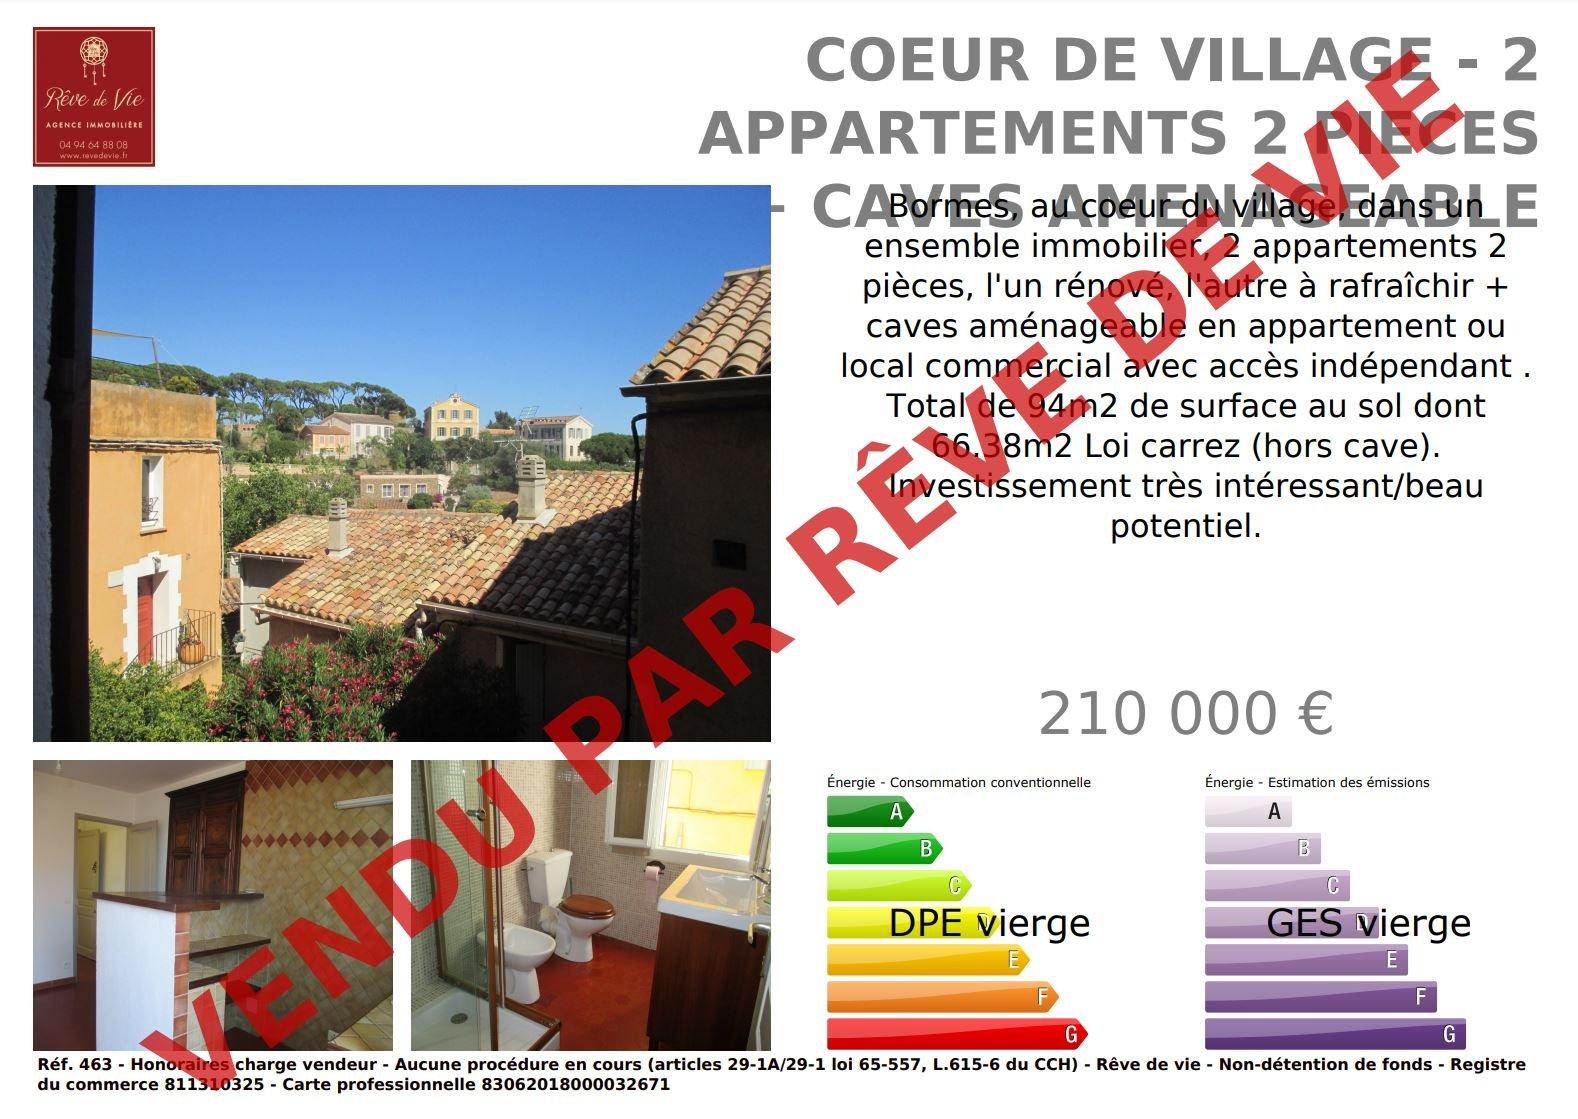 Sale Housing estate Bormes-les-Mimosas